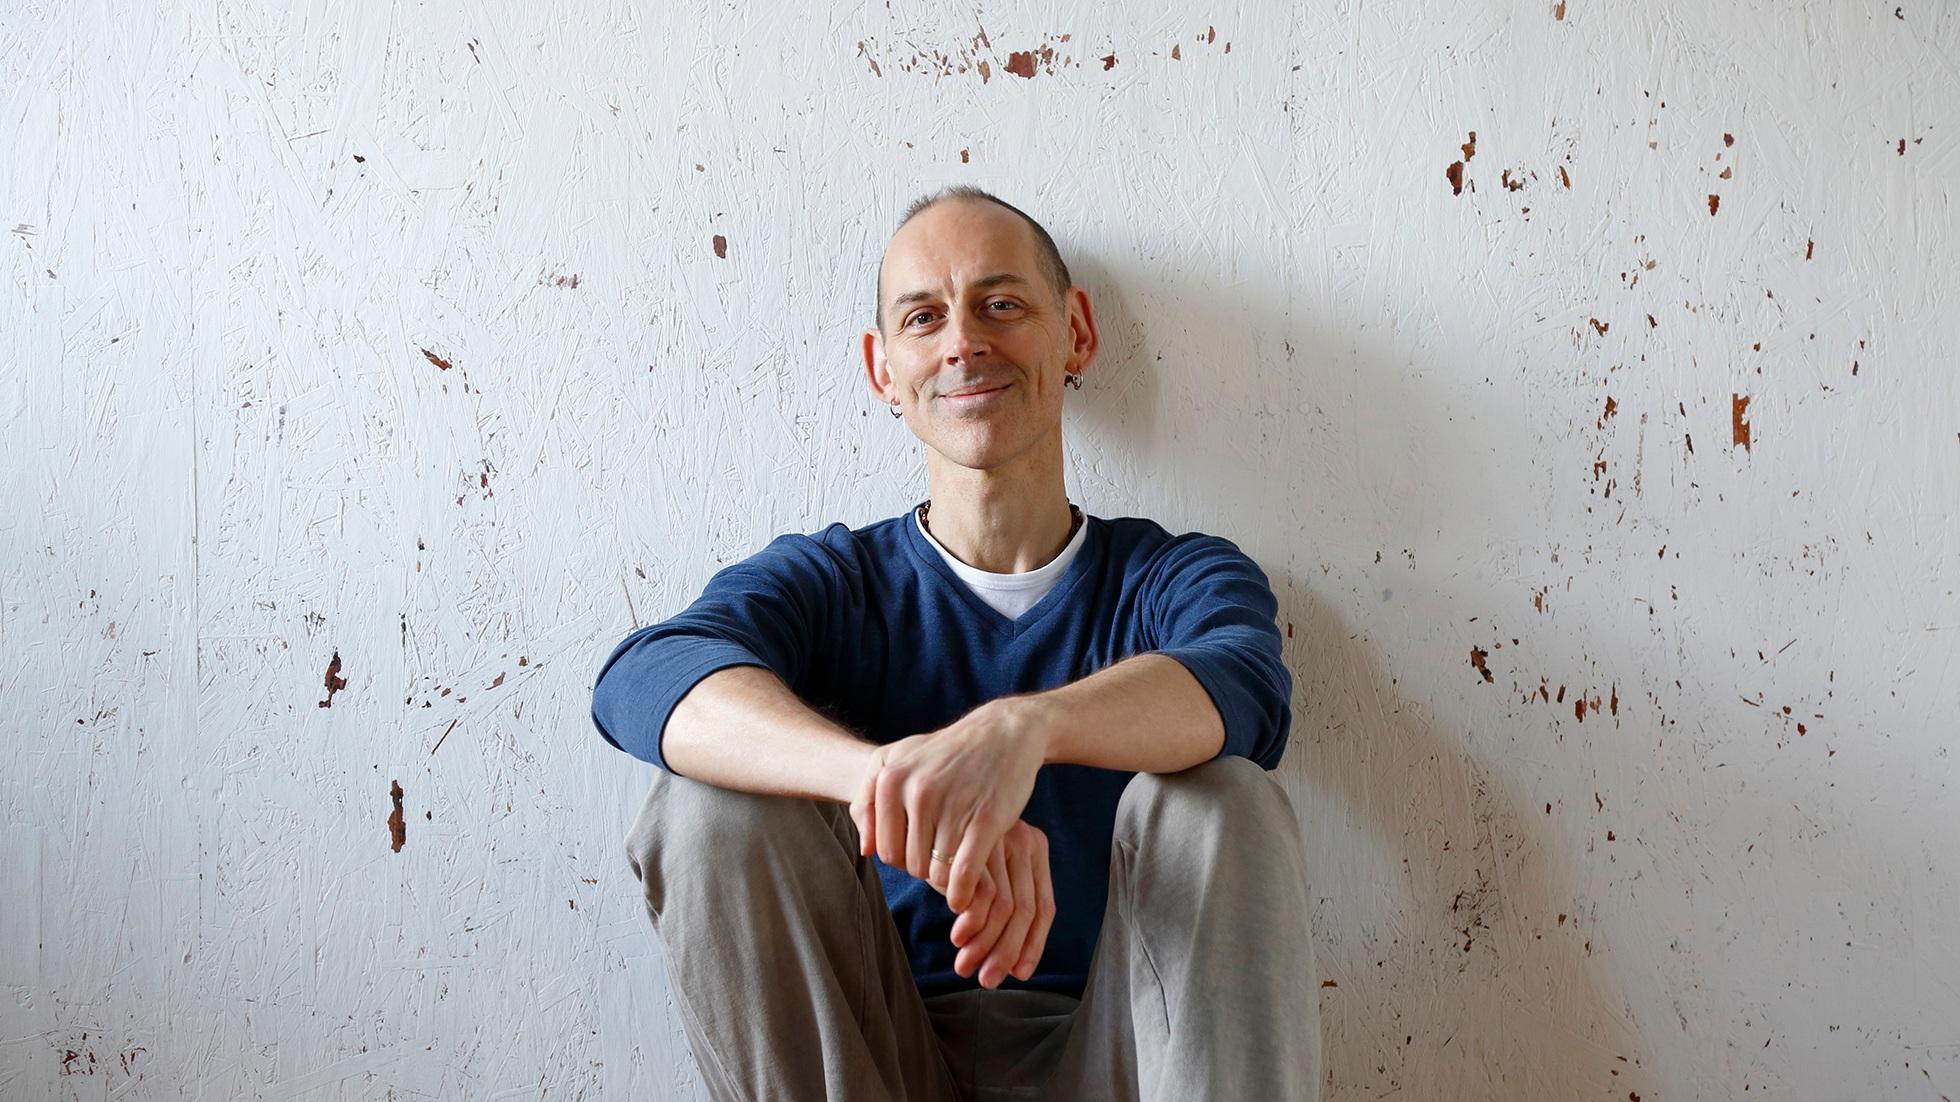 Mark Shveima - マークは、サンフランシスコから京都に拠点を移して10年。ヨガ実践暦20年以上のベテラン指導者。哲学思想や瞑想に造詣が深い。意識や瞑想の科学や、エネルギー理論を伝えることを得意とし、人生の変容を導くヨガを提唱する。アメリカで著名な大学教授として活躍し、歴史に名を残すヨギーに長年仕えた師のもとで入門し、密教系のタントラ・シヴァ派思想を学び続ける。タントラ・シヴァ派思想瞑想の正統継承伝道師E-RYT 500詳しくはこちら。www.markshveimyoga.com